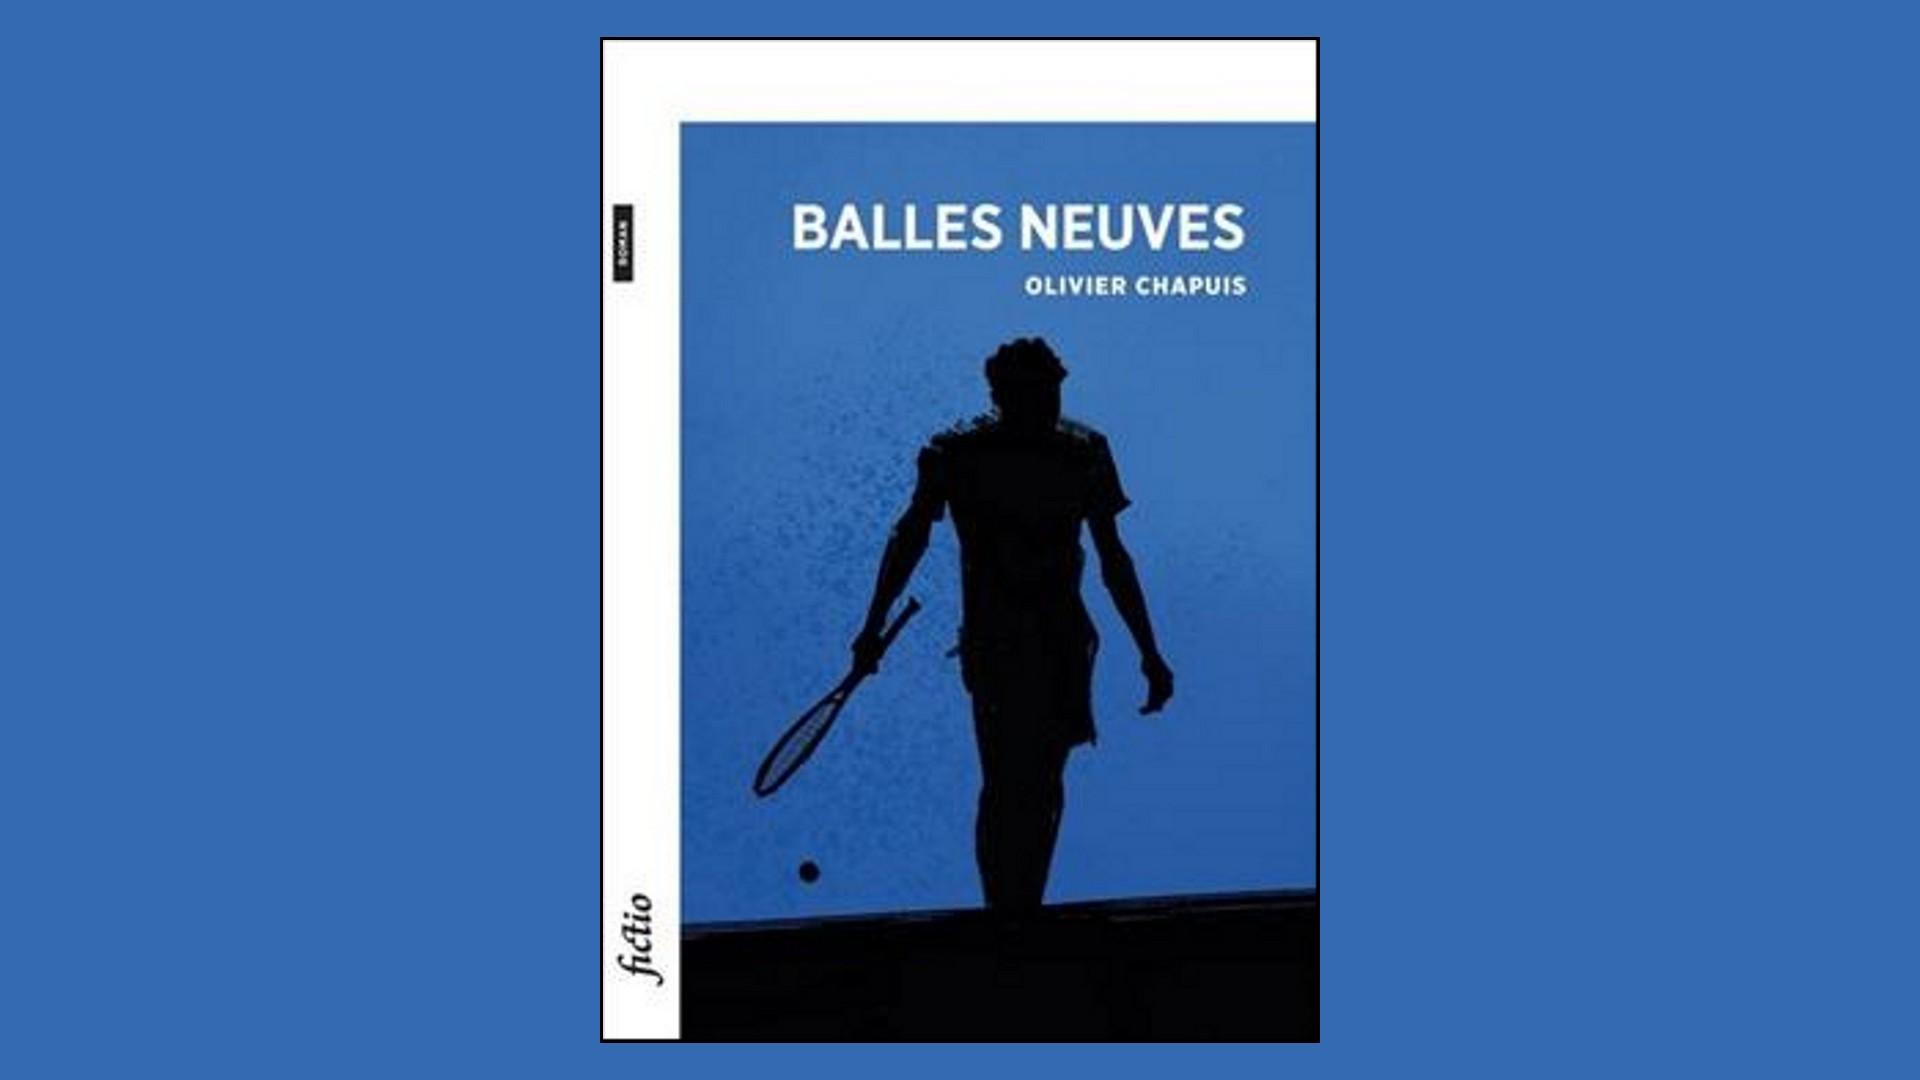 Livres – Balles neuves – Olivier Chapuis (2020)